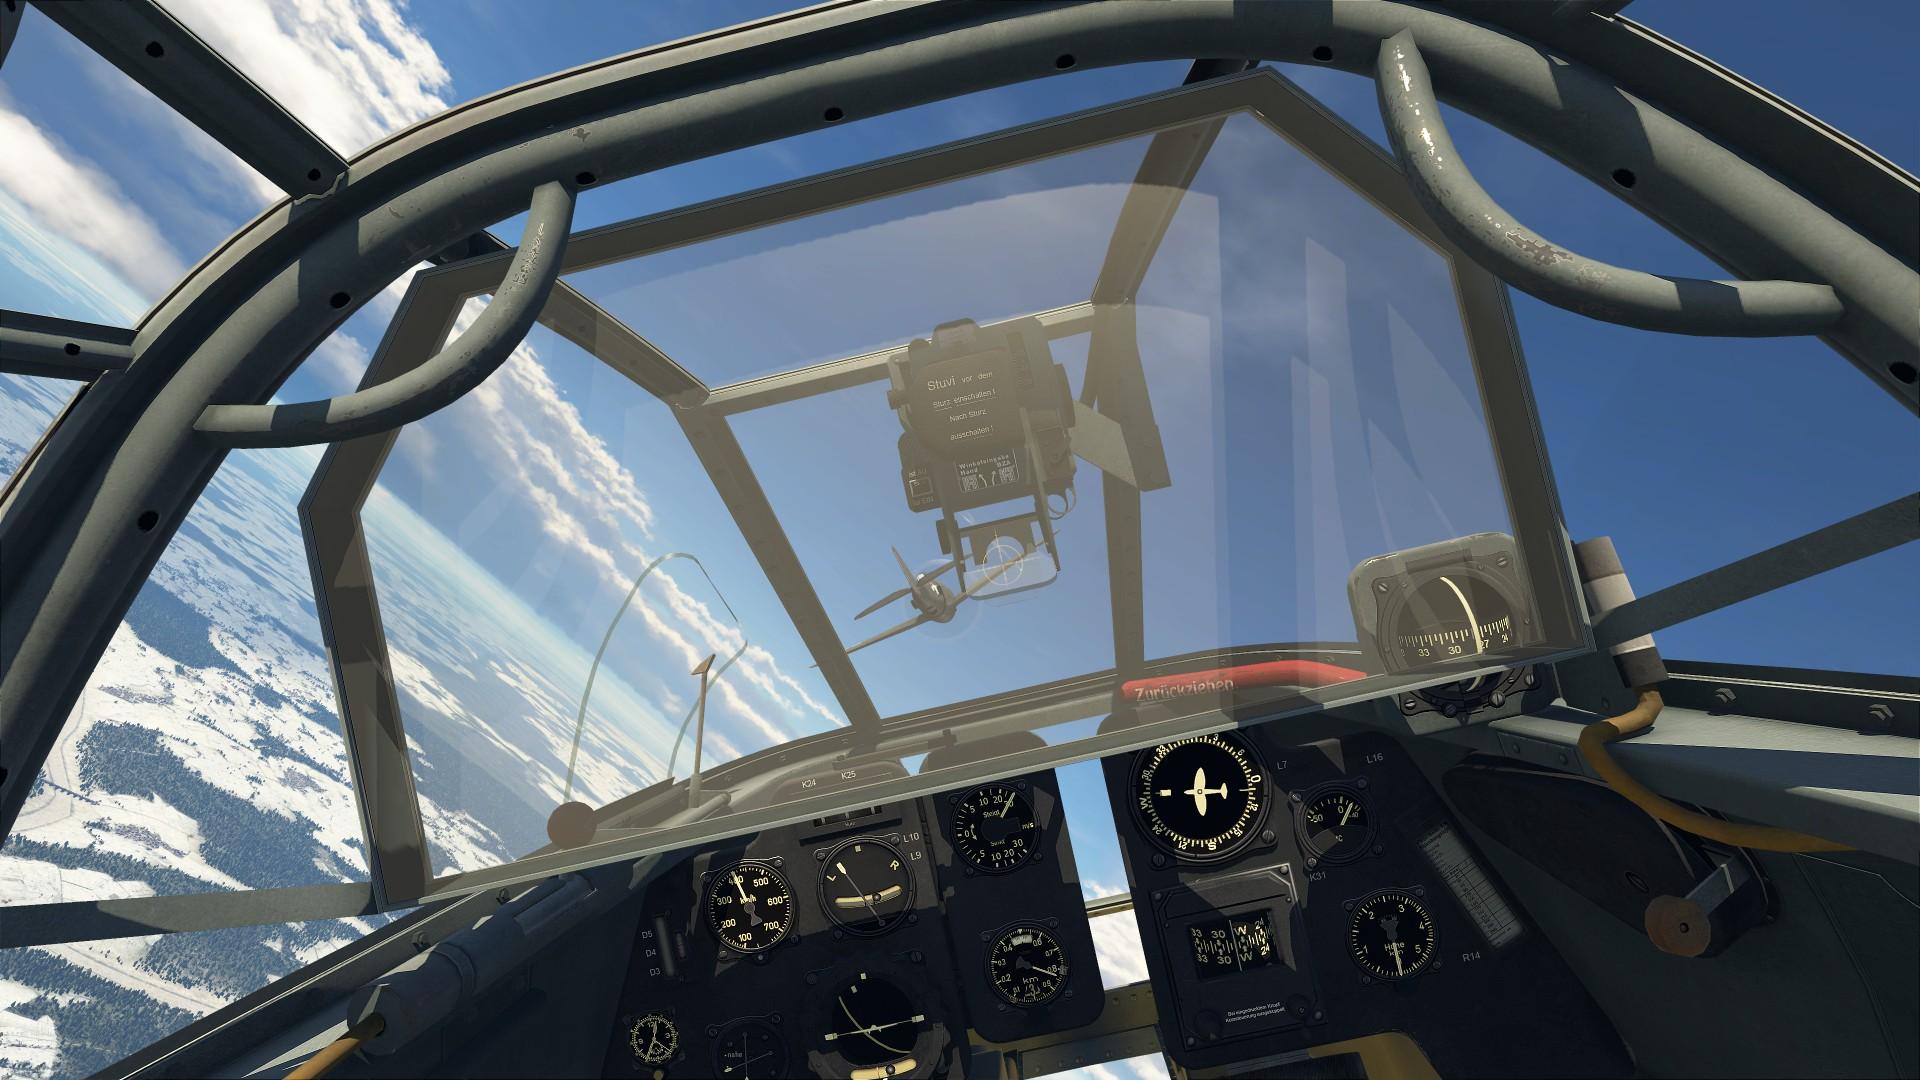 Обои Ме-410, war thunder, Самолёт, истребитель, война, Облака. Игры foto 14